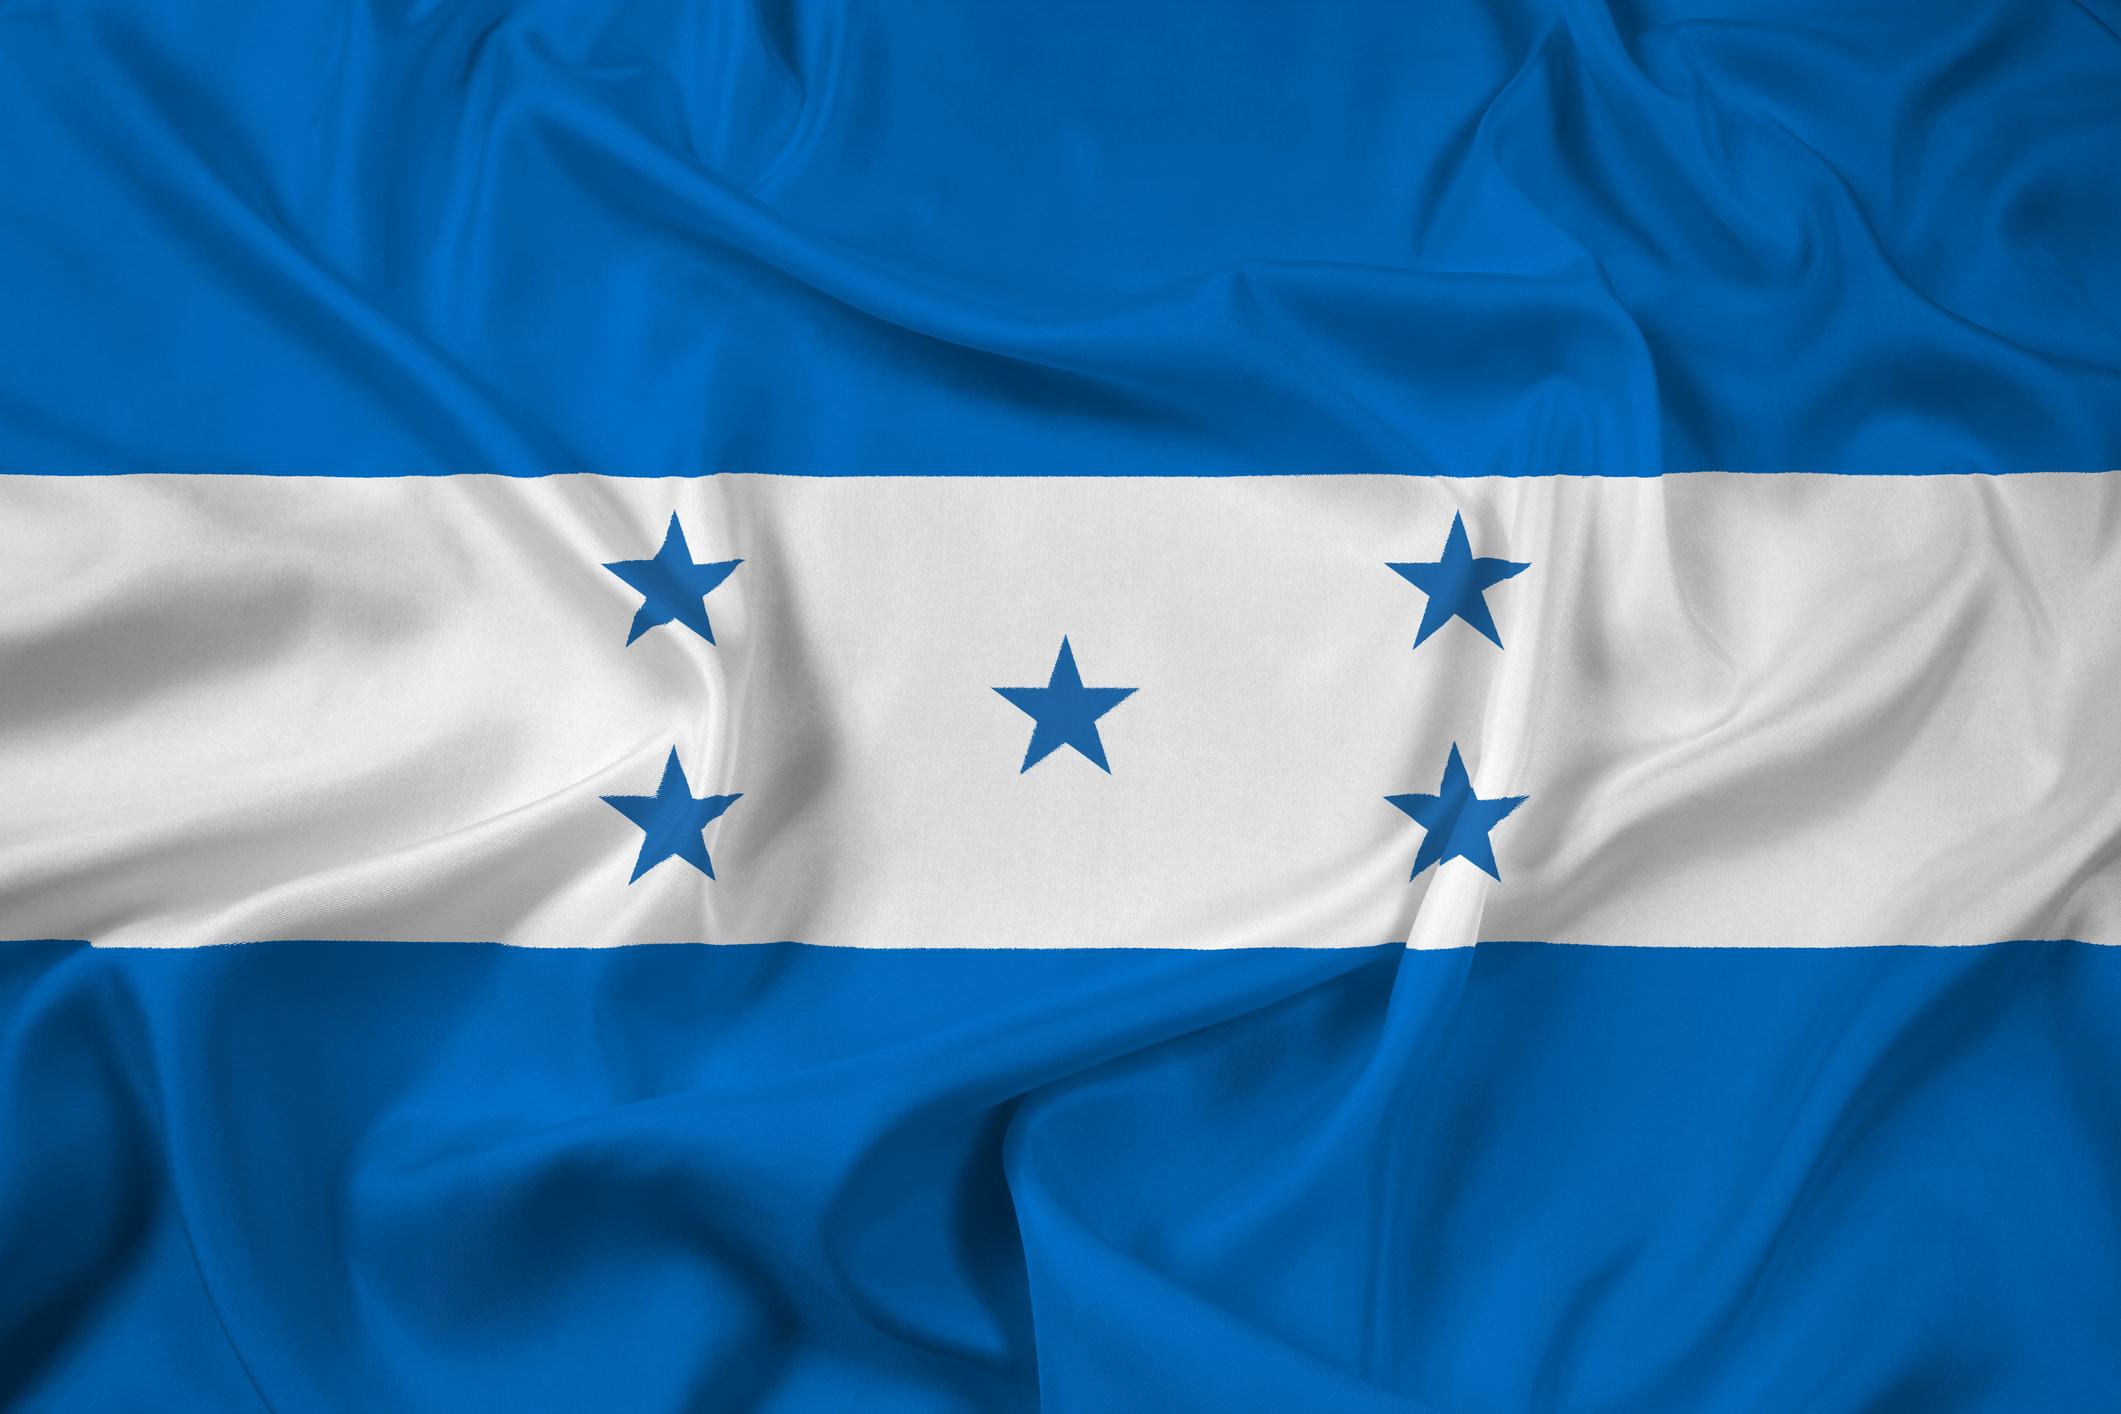 honduranflag.jpg